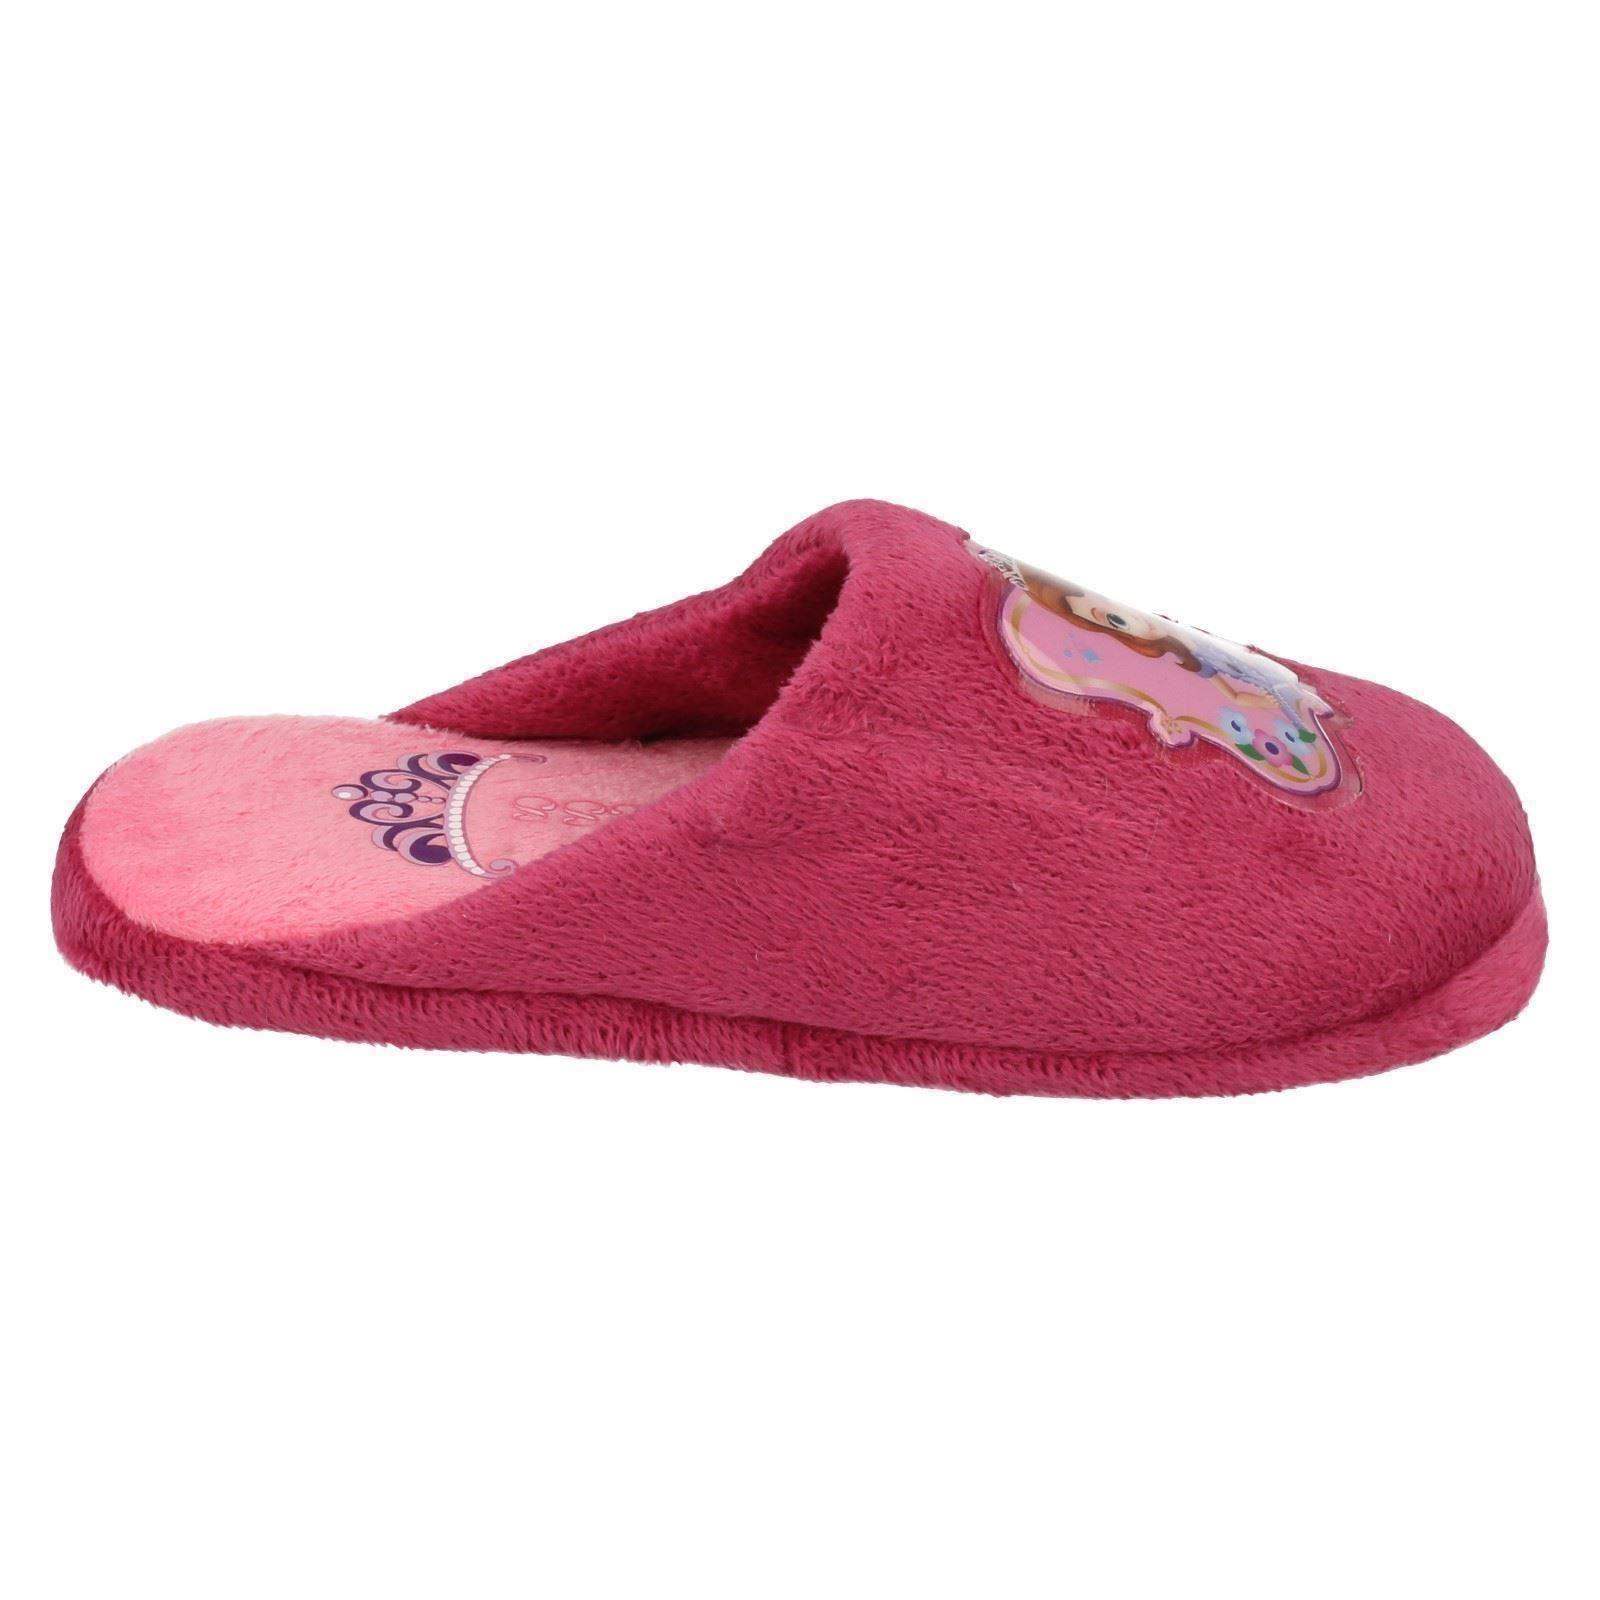 Chicas-Princesa Sofía La Primera Zapatillas